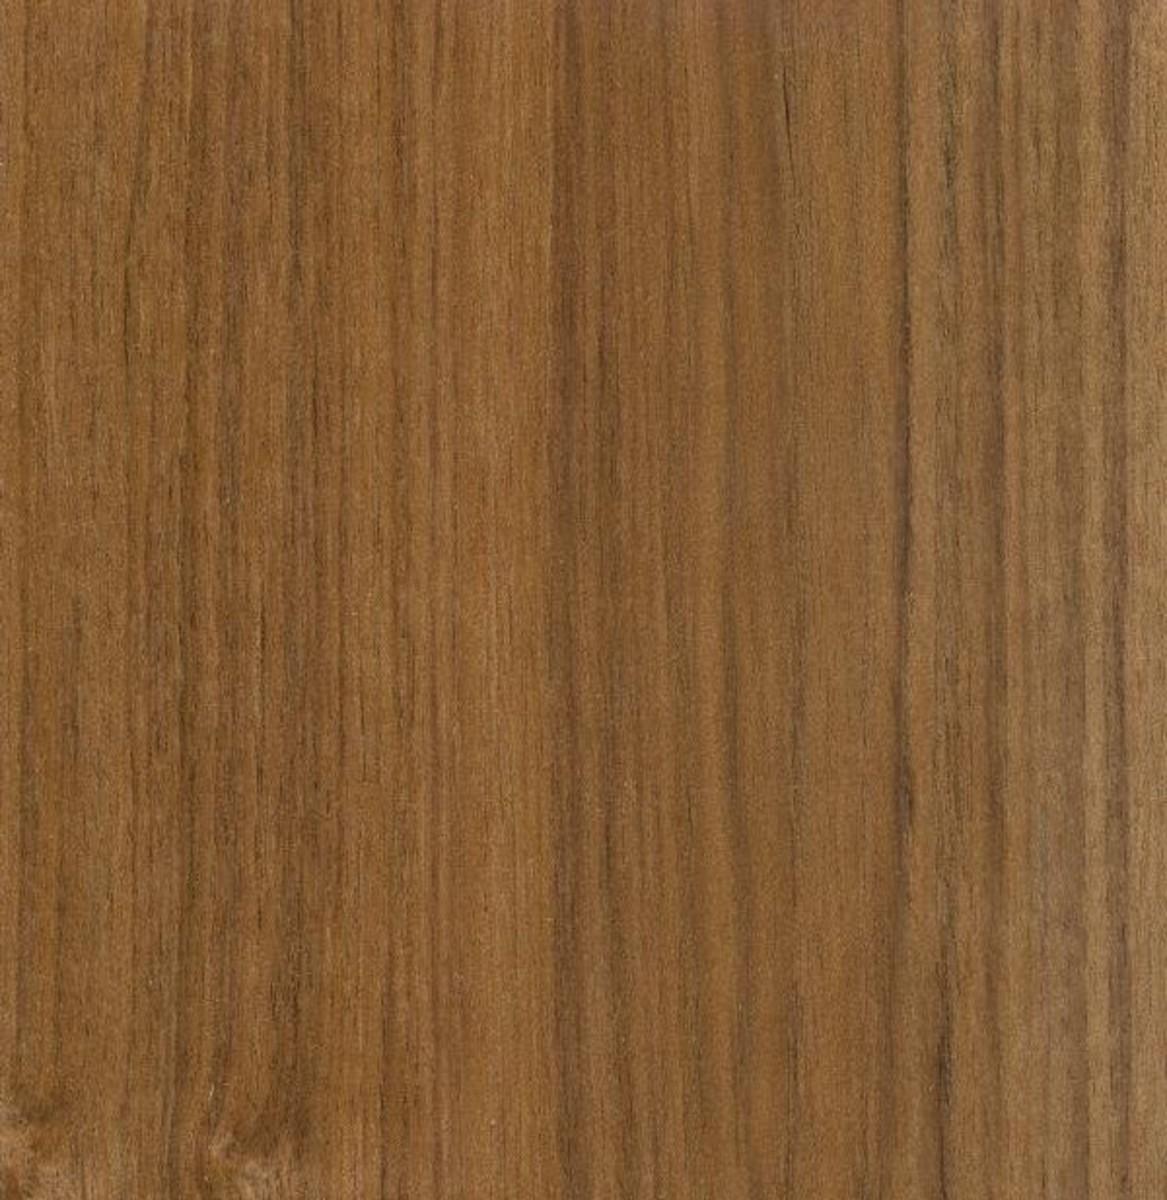 Straight grain of teak wood